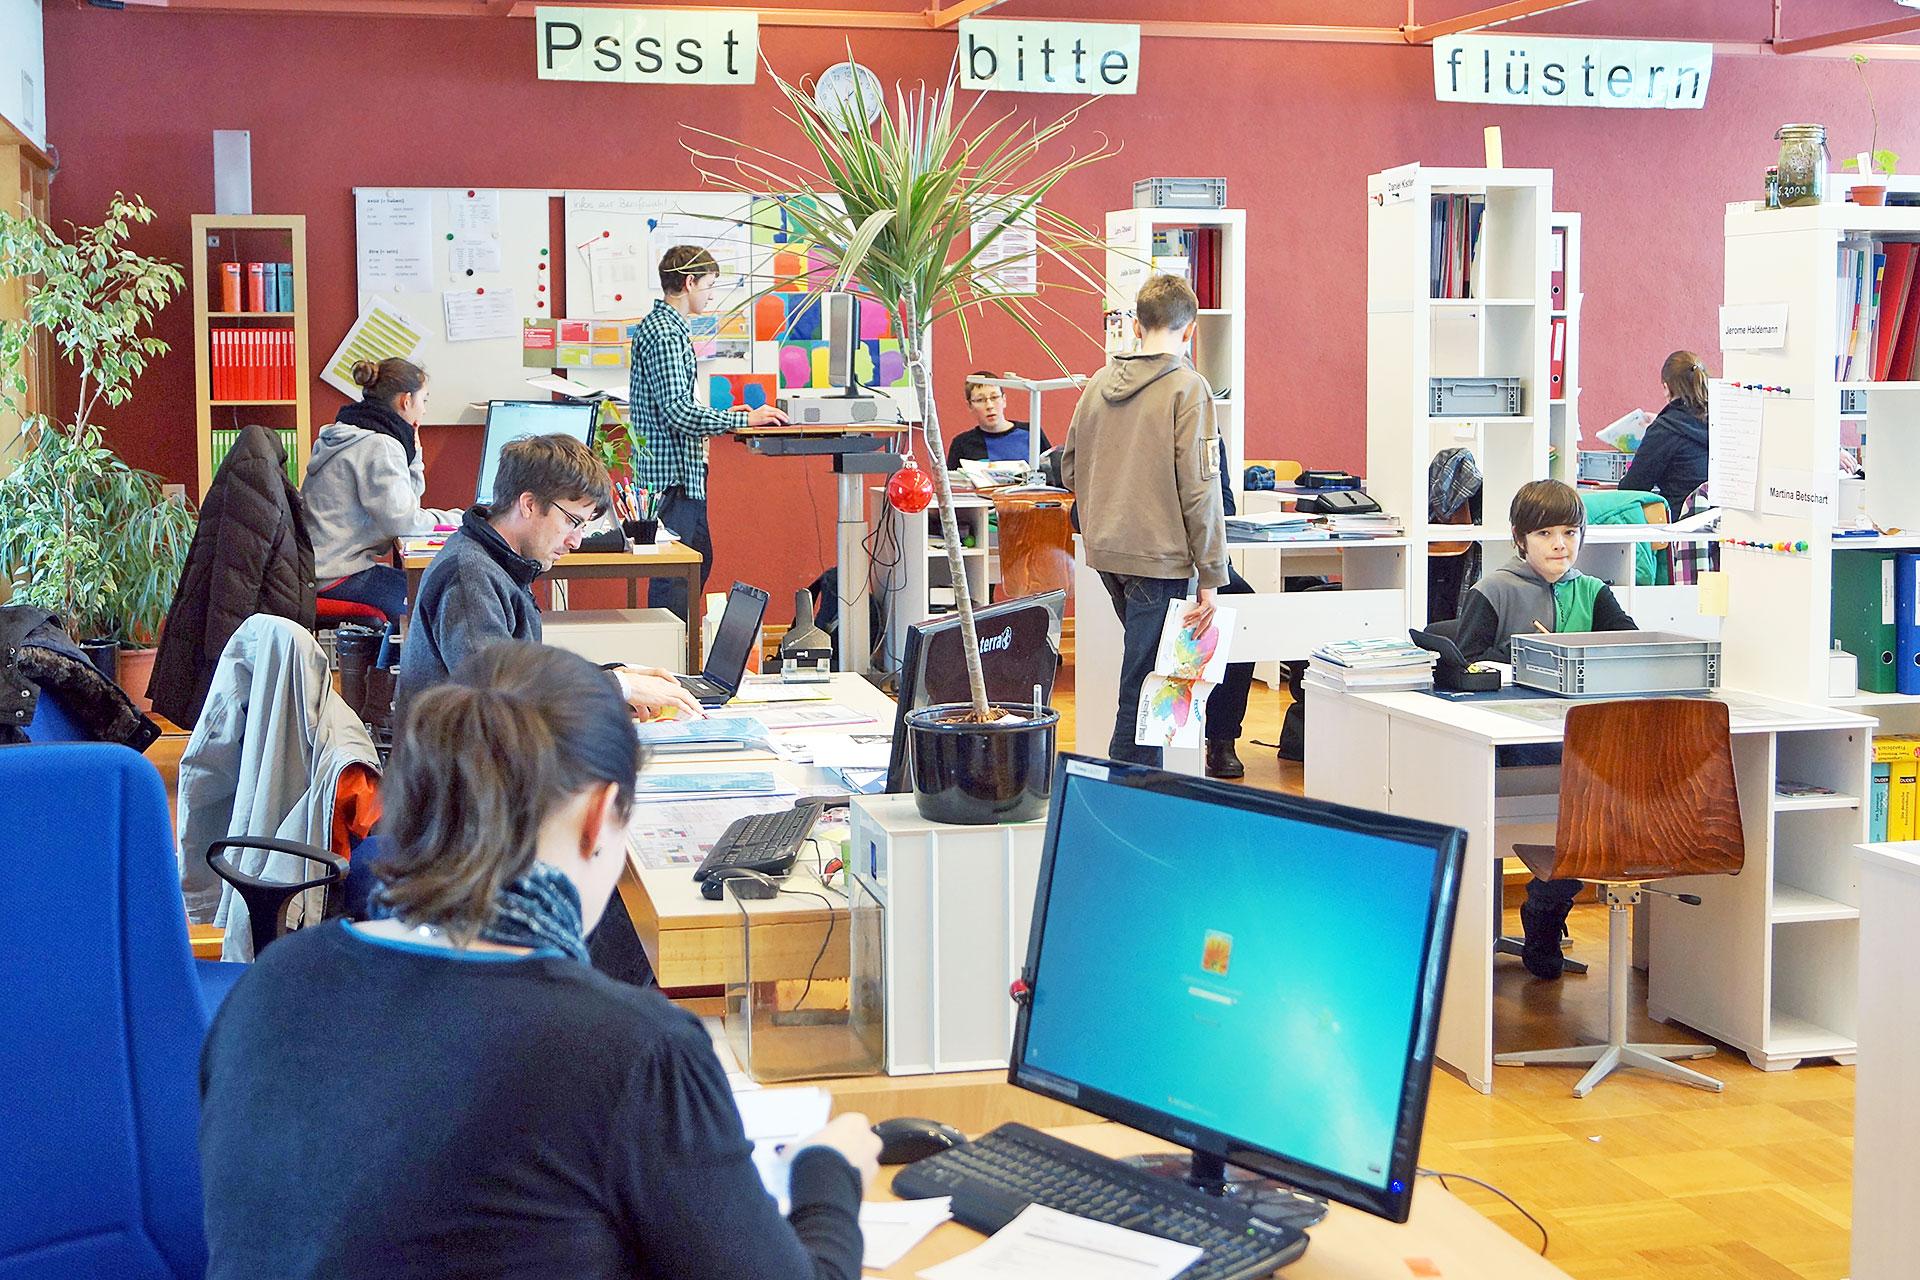 Lernlandschaft mit Lehrer/innen- und Schüler/innen-Arbeitsplätzen